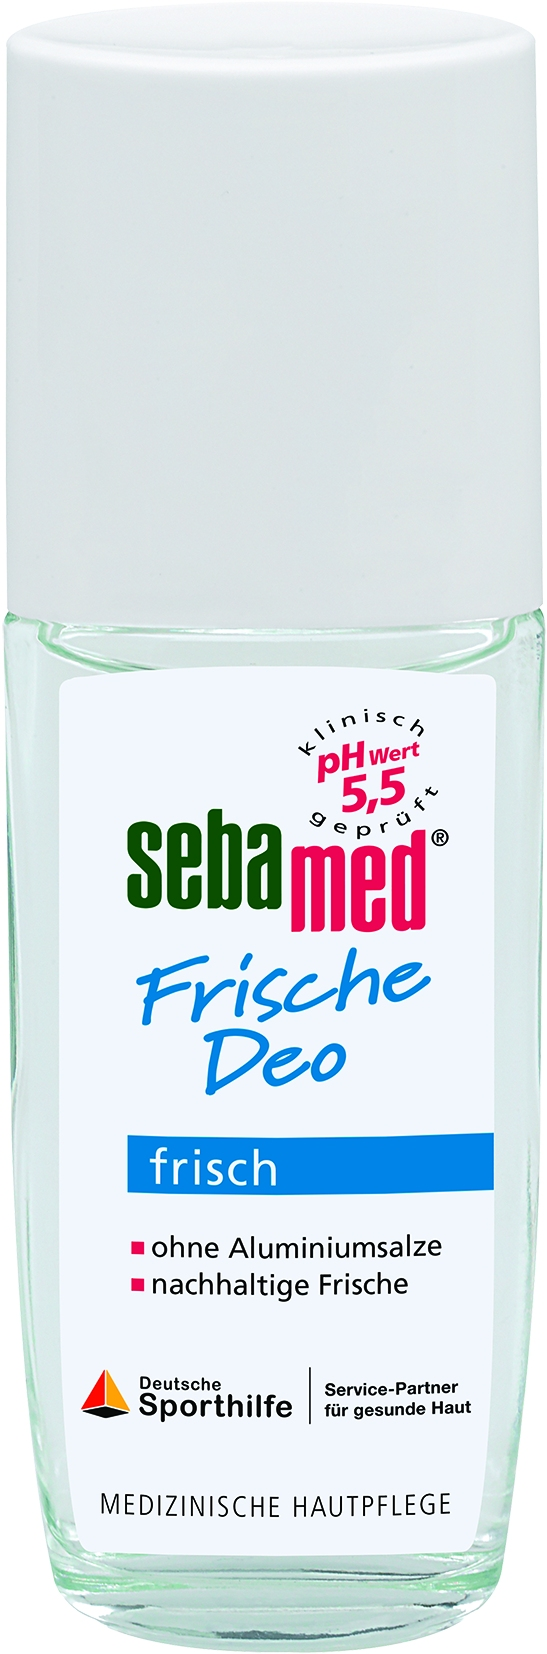 Deo Frisch